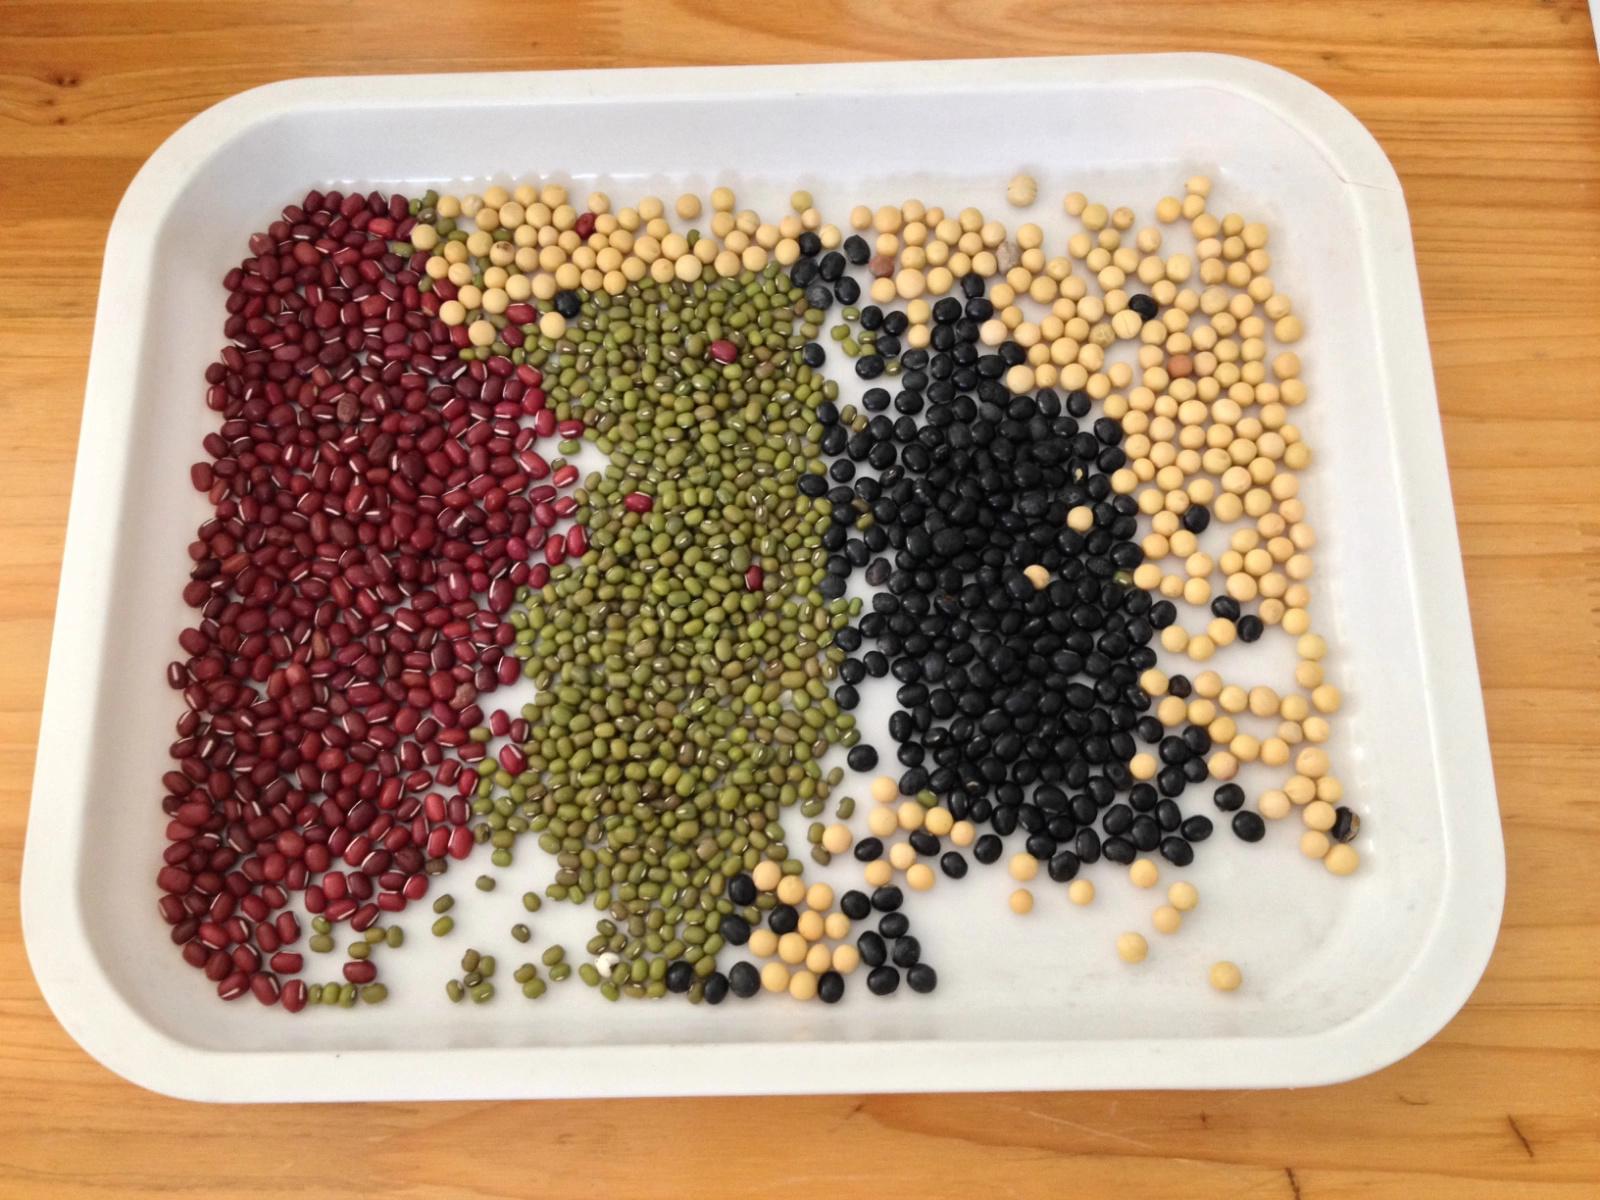 豆子儿童手工制作图片